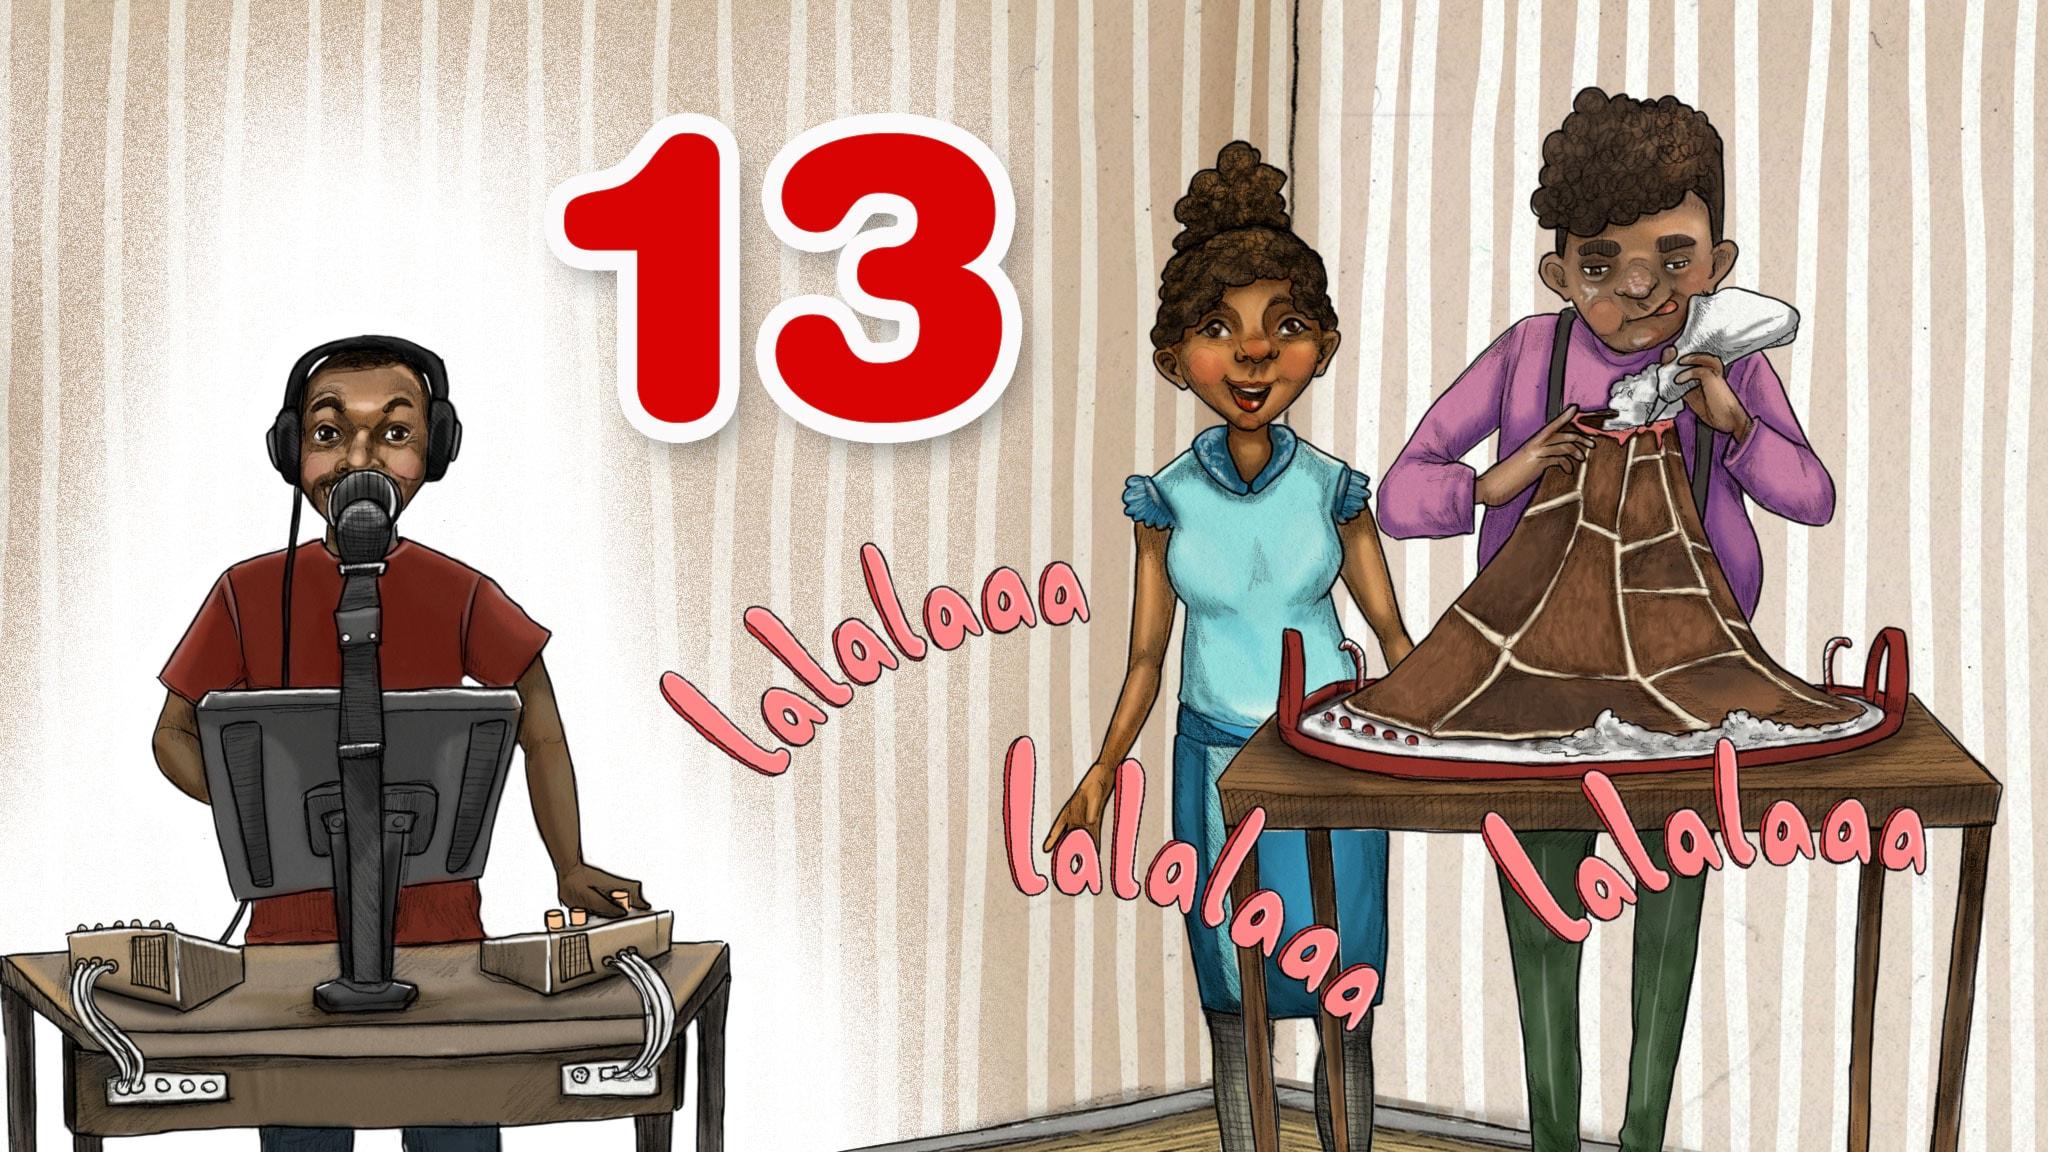 Del 13: Luciabattle